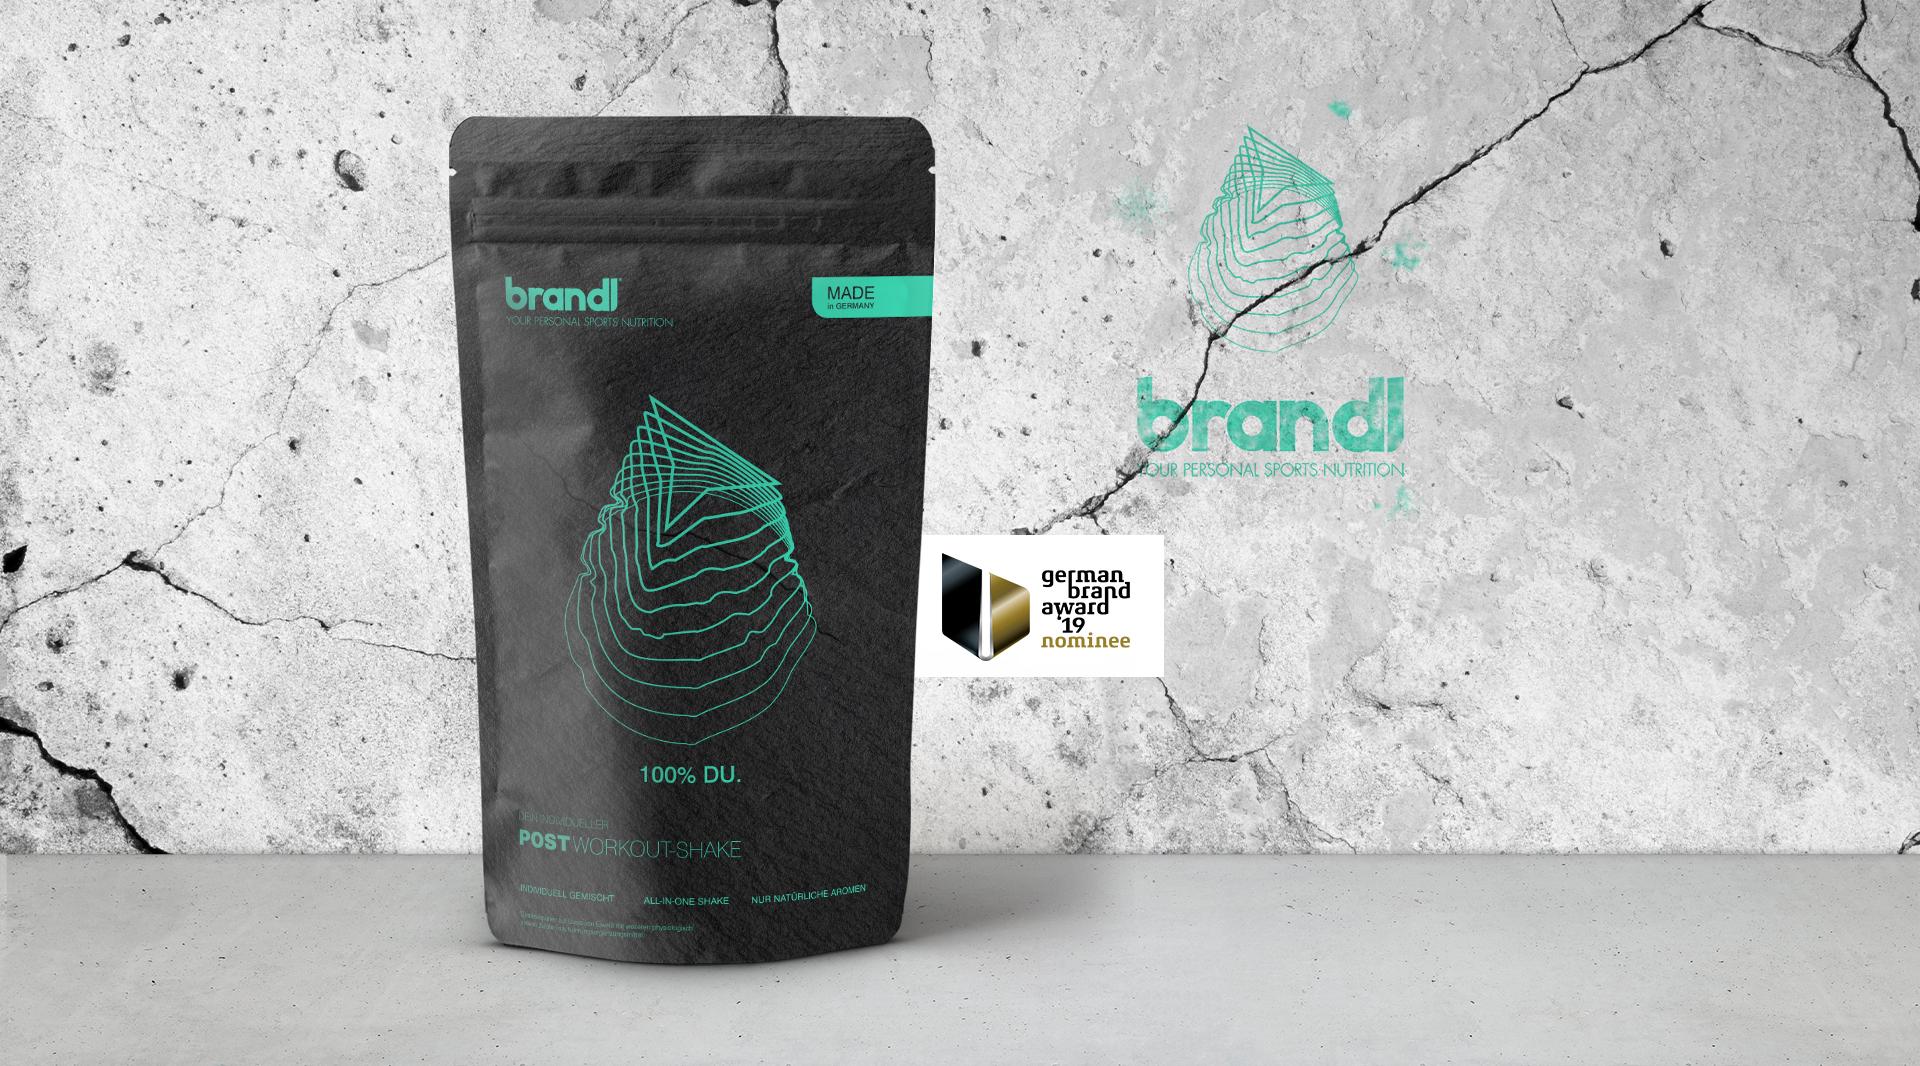 German Brand Award 2019 packaging brand logo marke und design aus würzburg